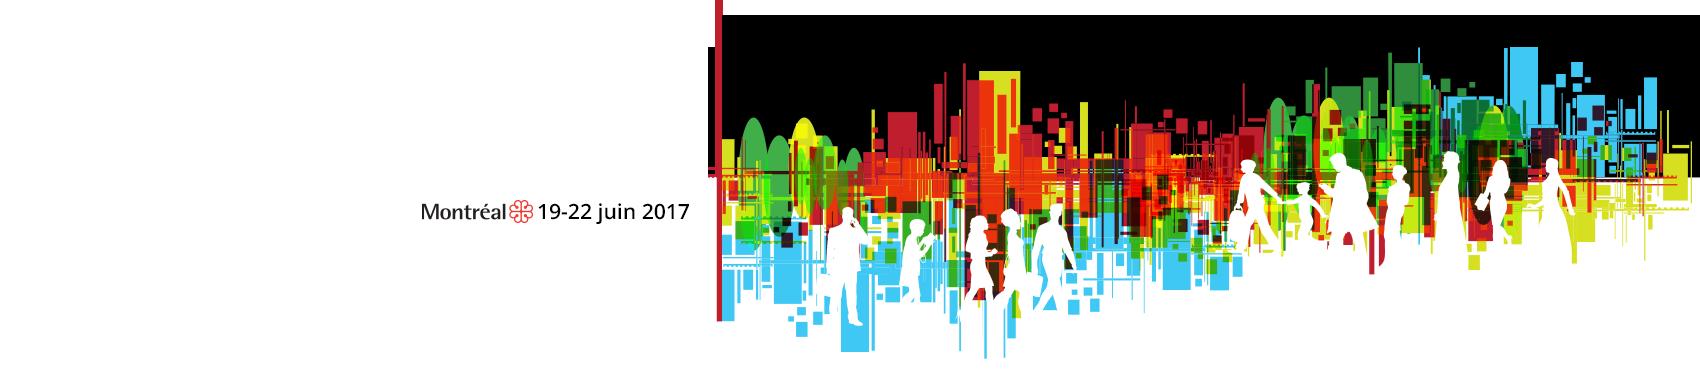 Bienvenue-Congrès-Metropolis-Montréal